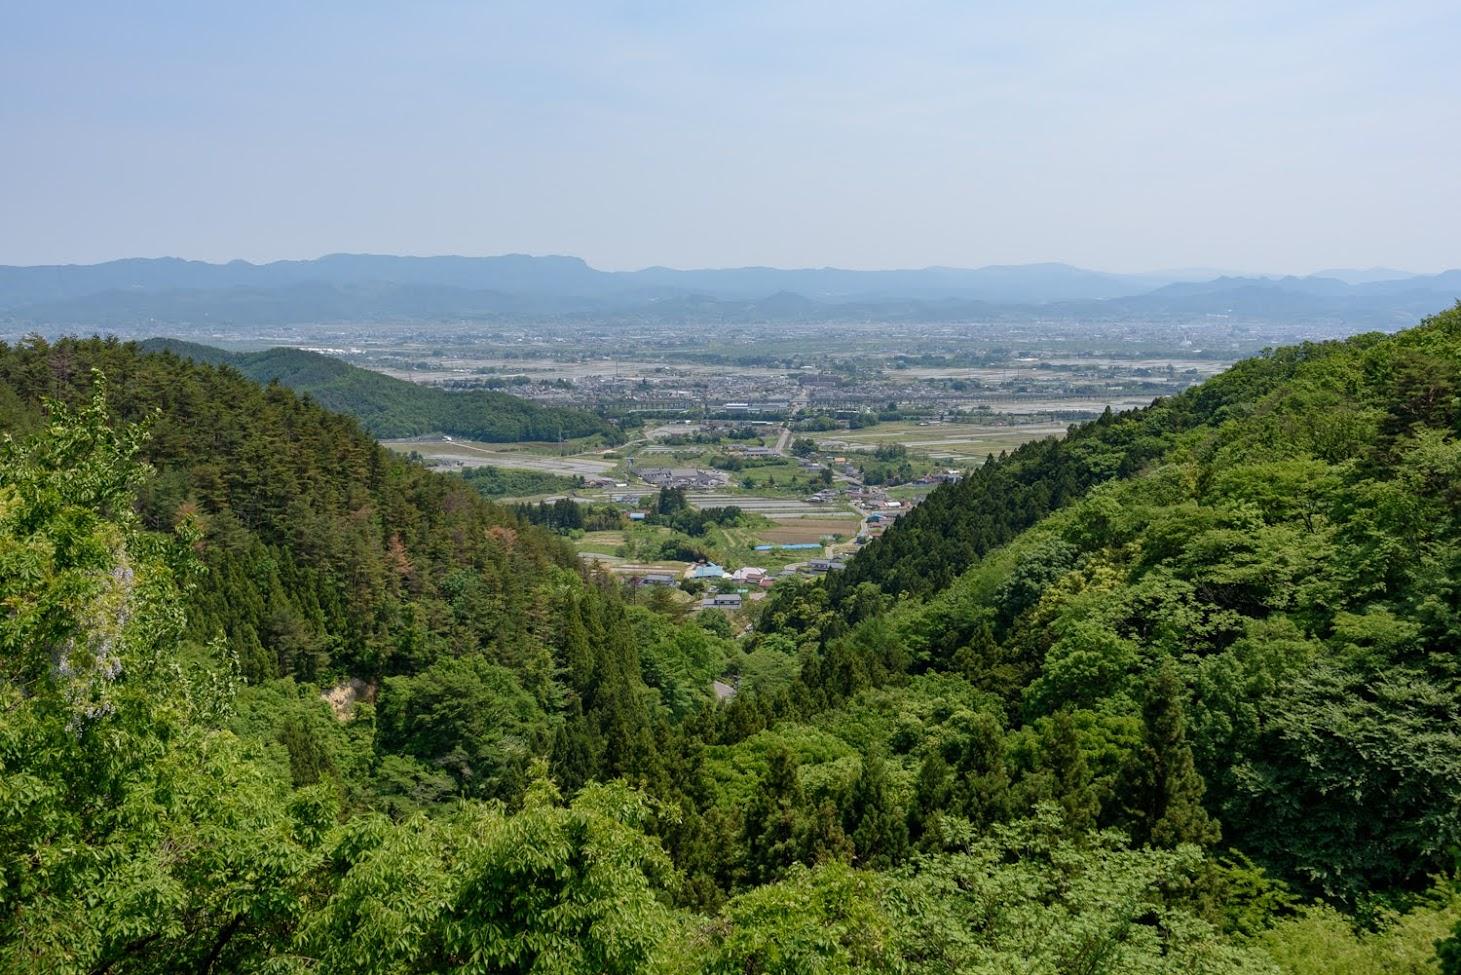 【旅28日目】羽州街道の難所、小坂峠を超えて宮城県へ!